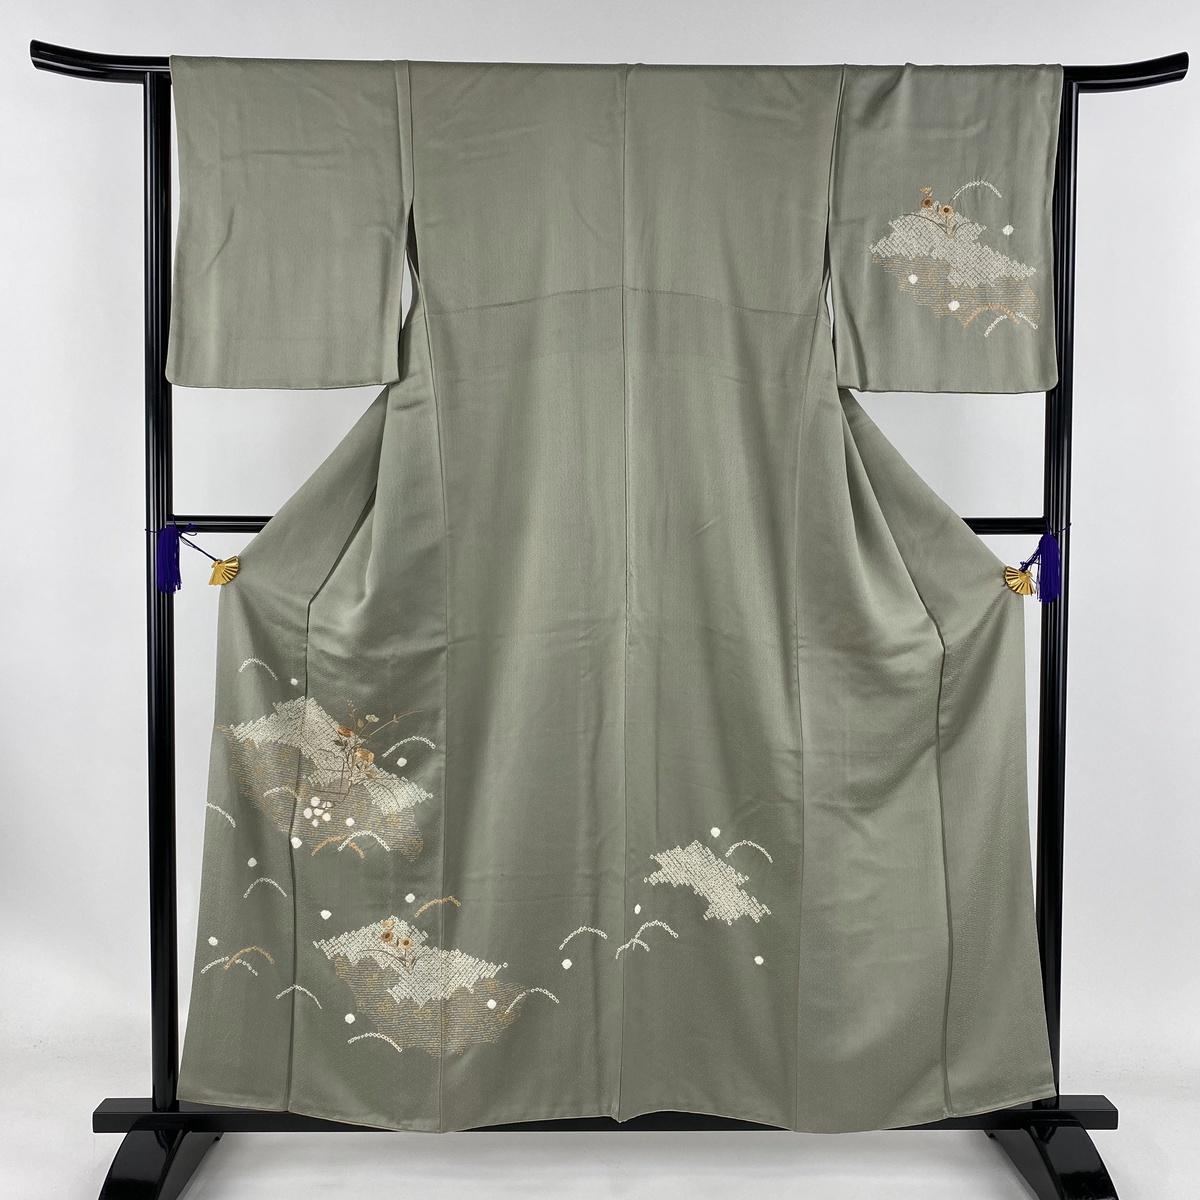 訪問着 秀品 雪輪 草花 部分絞り 刺繍 灰緑 袷 身丈156cm 裄丈64.5cm M 正絹 【中古】